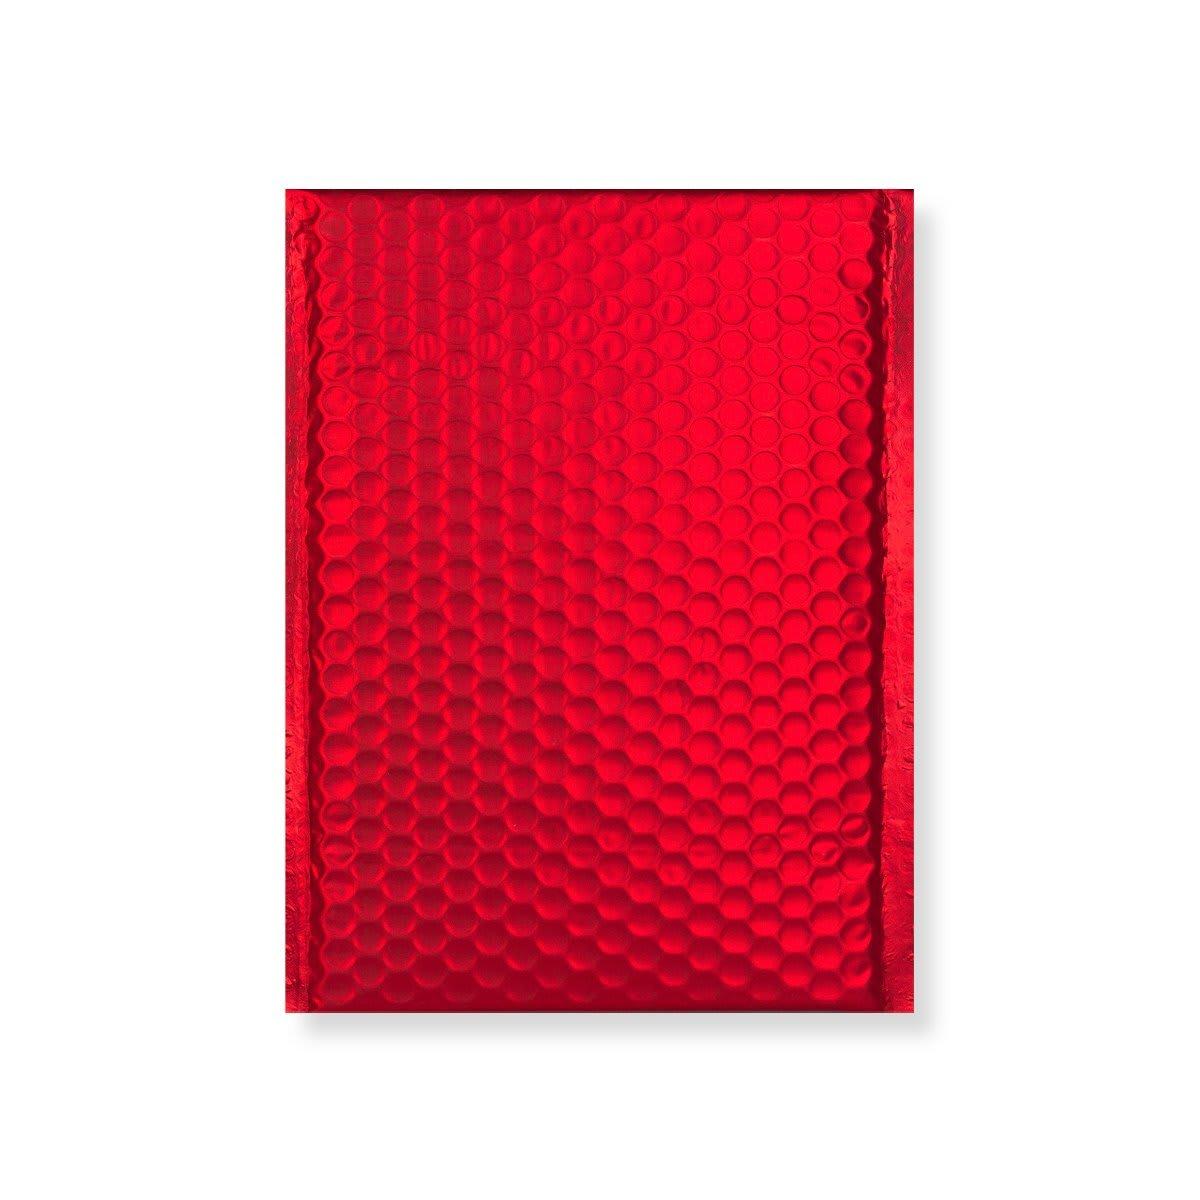 C4 MATT METALLIC RED PADDED ENVELOPES (324 x 230MM)